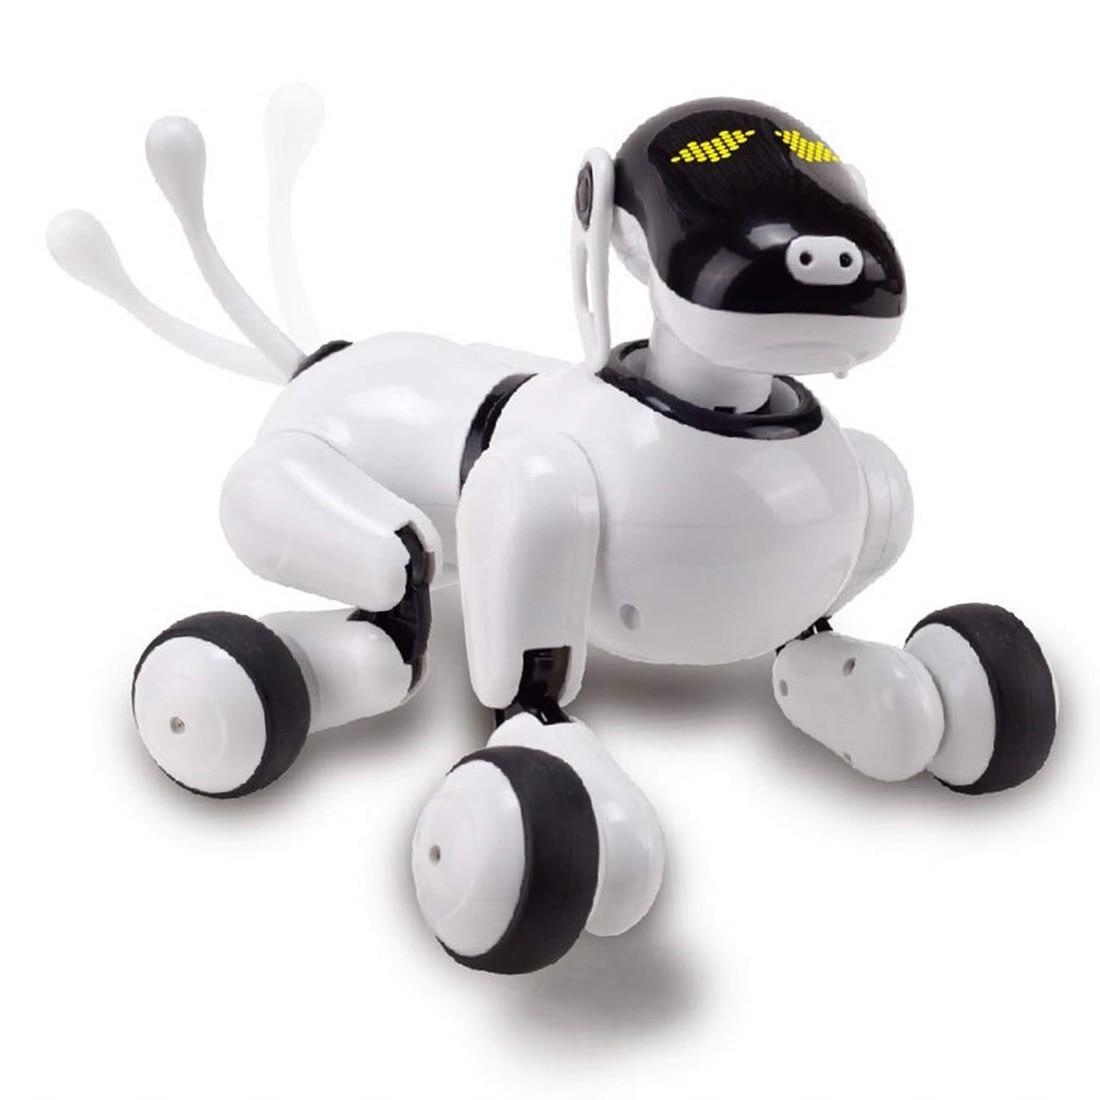 Kinder Haustier Robot Hund Spielzeug mit Tanzen Singen/Rede Anerkennung Control/Touch Empfindliche/APP Custom Programmierung Aktionen-in RC-Roboter & Tiere aus Spielzeug und Hobbys bei  Gruppe 1